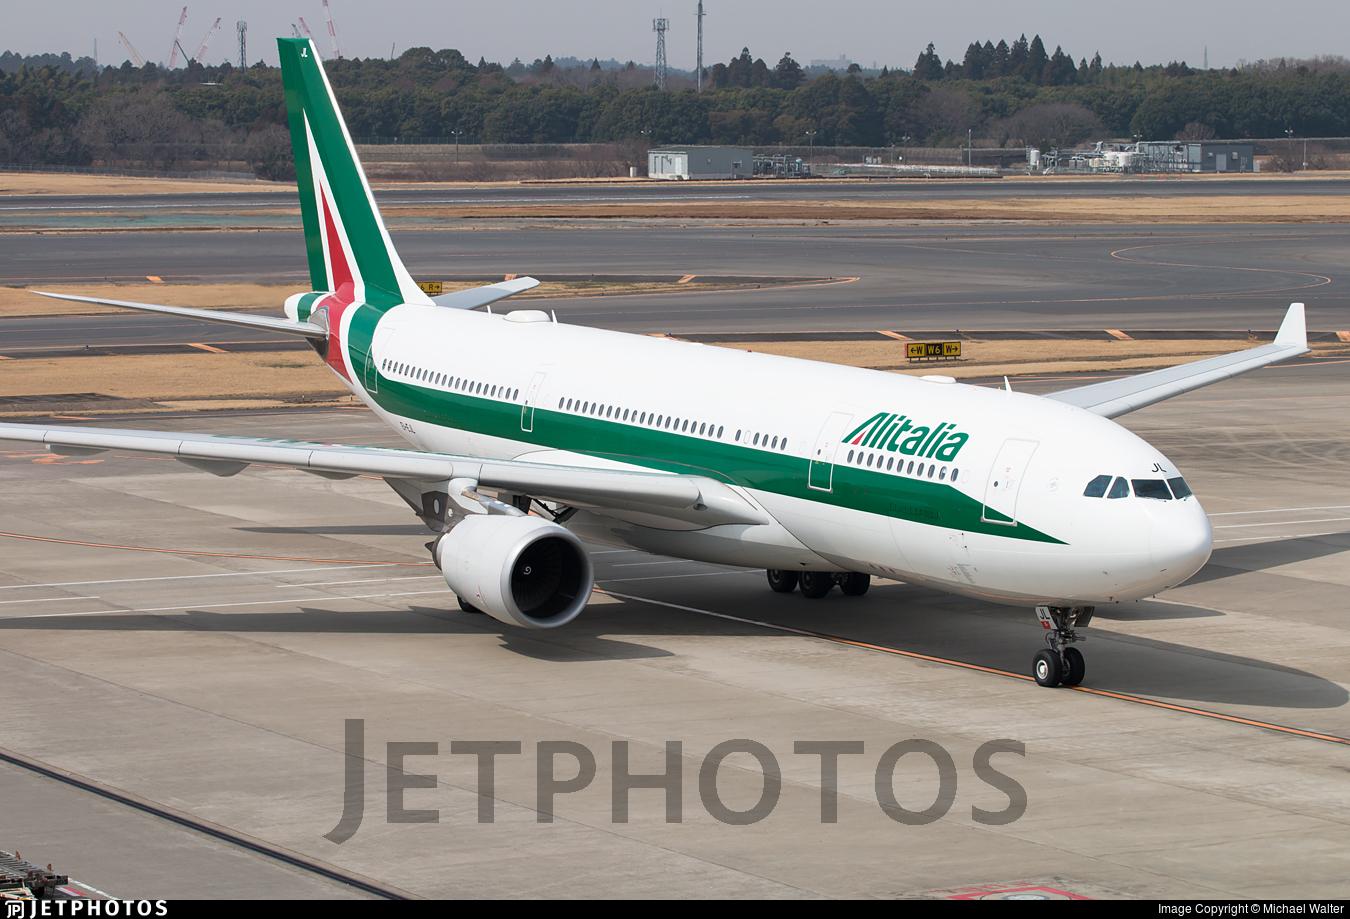 EI-EJL - Airbus A330-202 - Alitalia